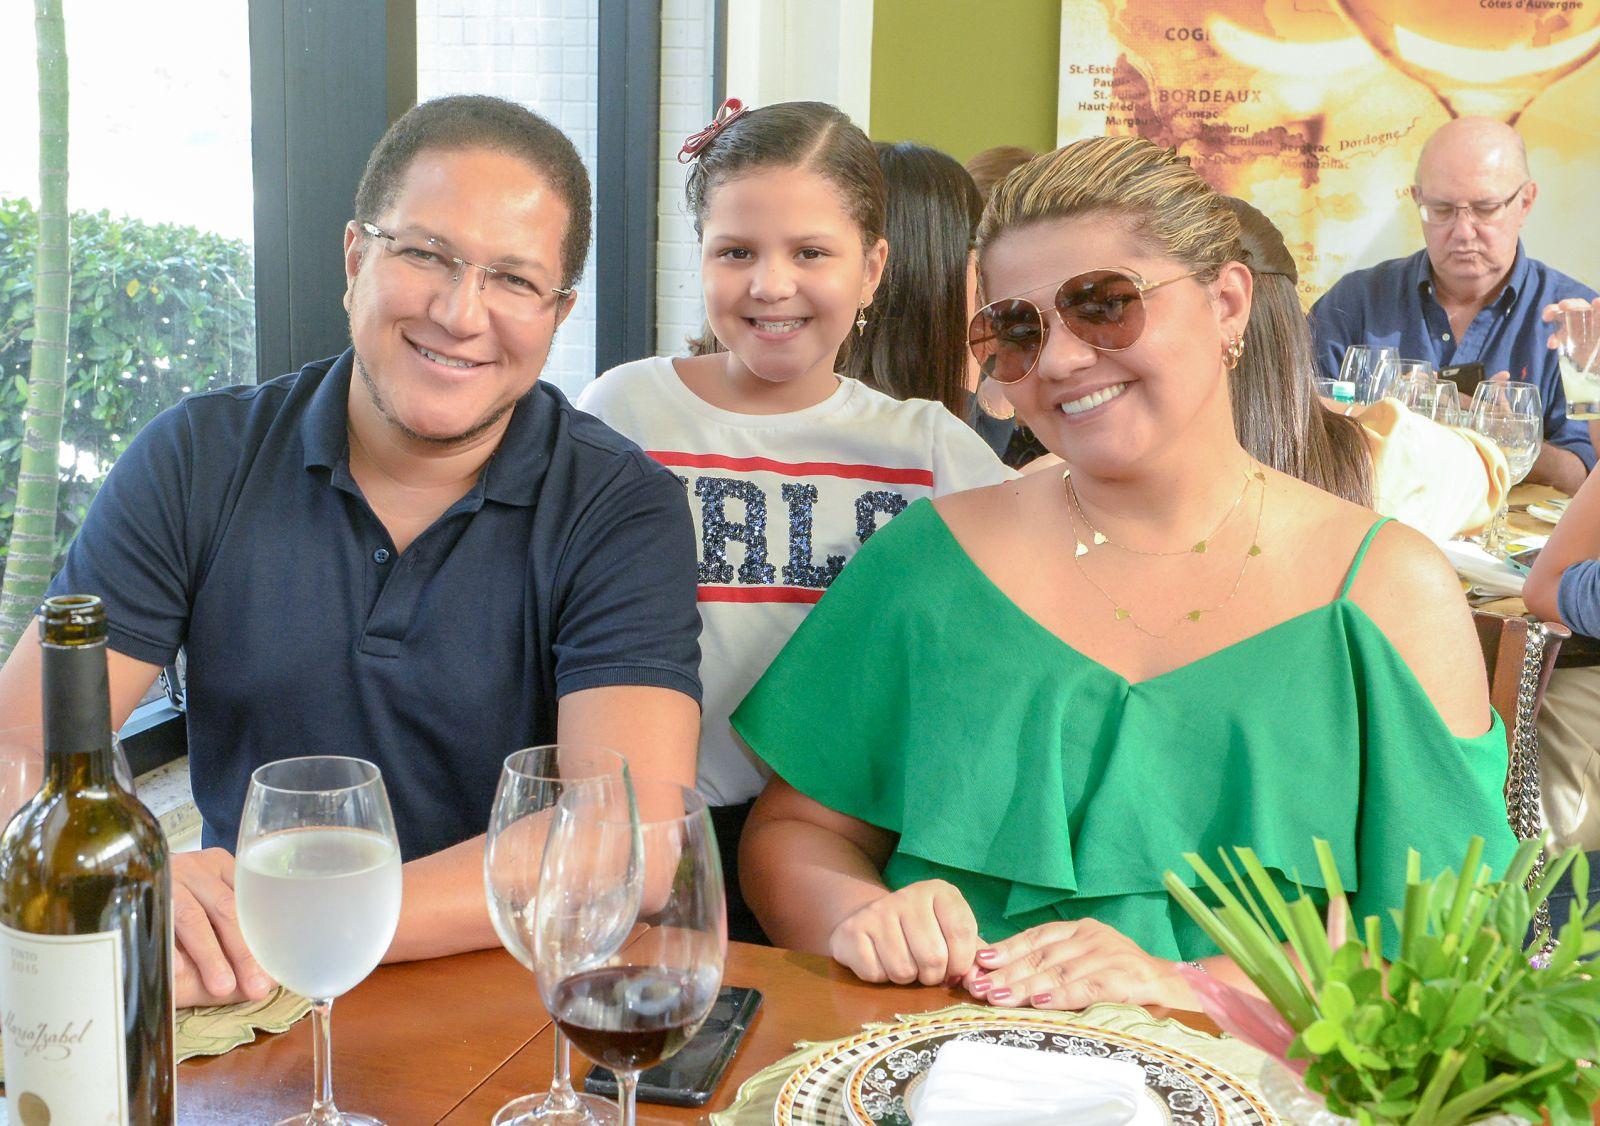 Andrea e deputado Augusto Castro jantando com a filha Melissa no Bistrô Trapiche Adega no dia das mães